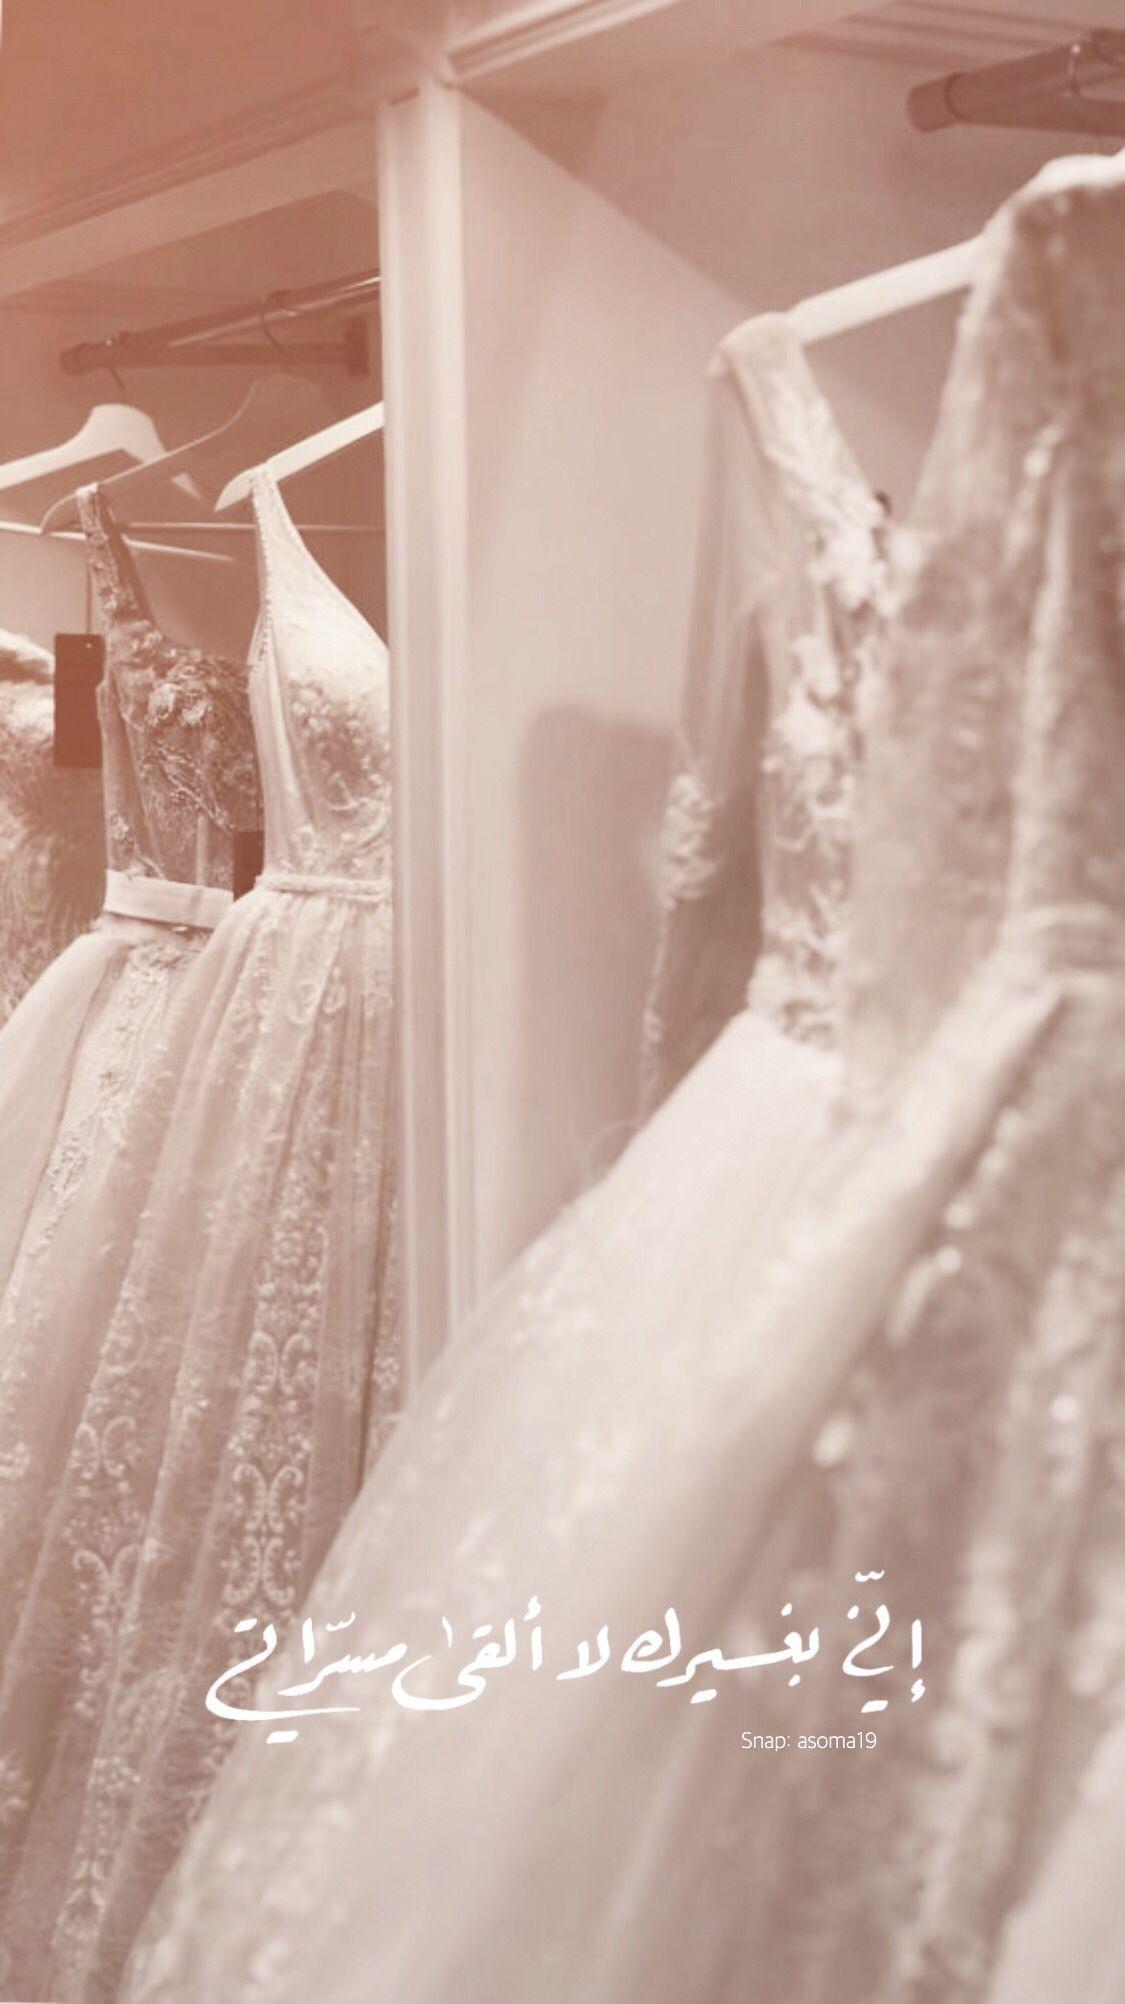 Pin By 𝑍𝐴𝑌𝑁𝐵 On يوميات Fancy Wedding Dresses Wedding Dress Sketches Wedding Photography Contract